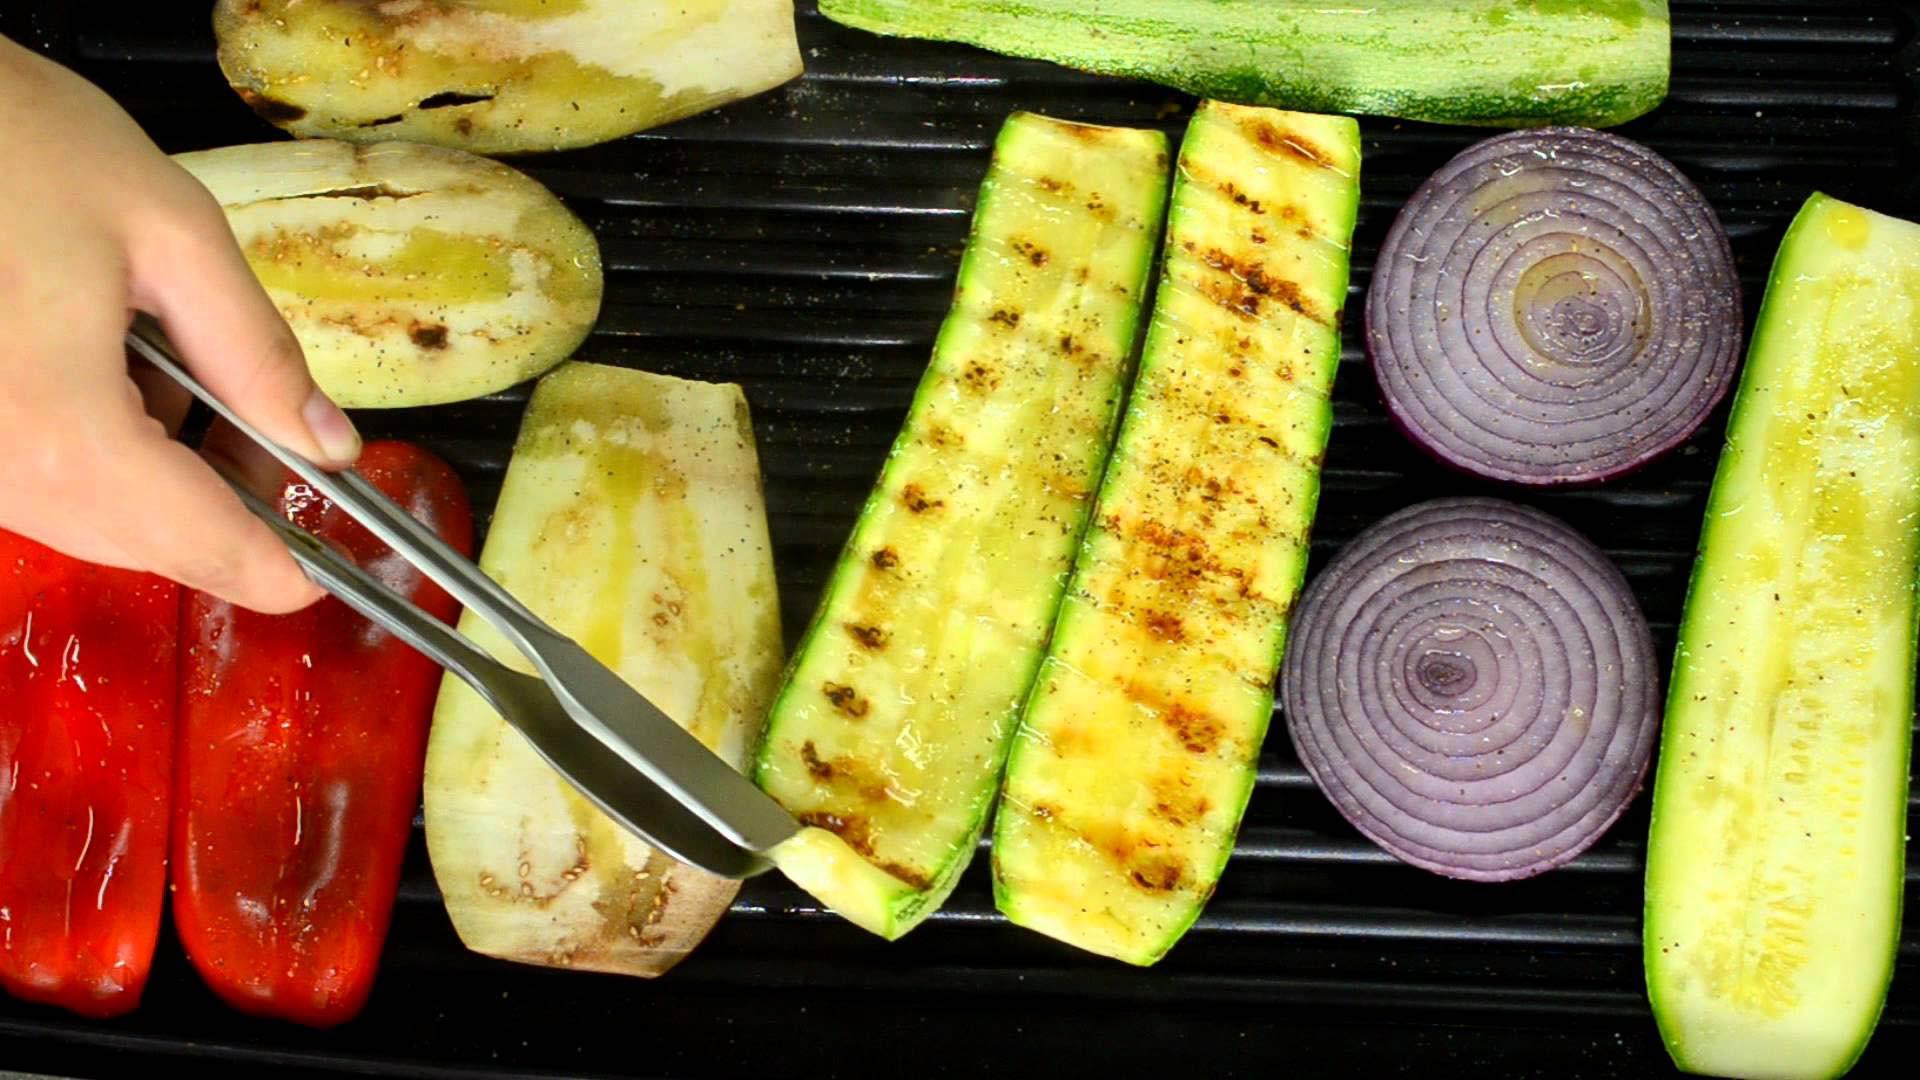 Son incontables los platos que se pueden cocinar en este utensilio de cocina